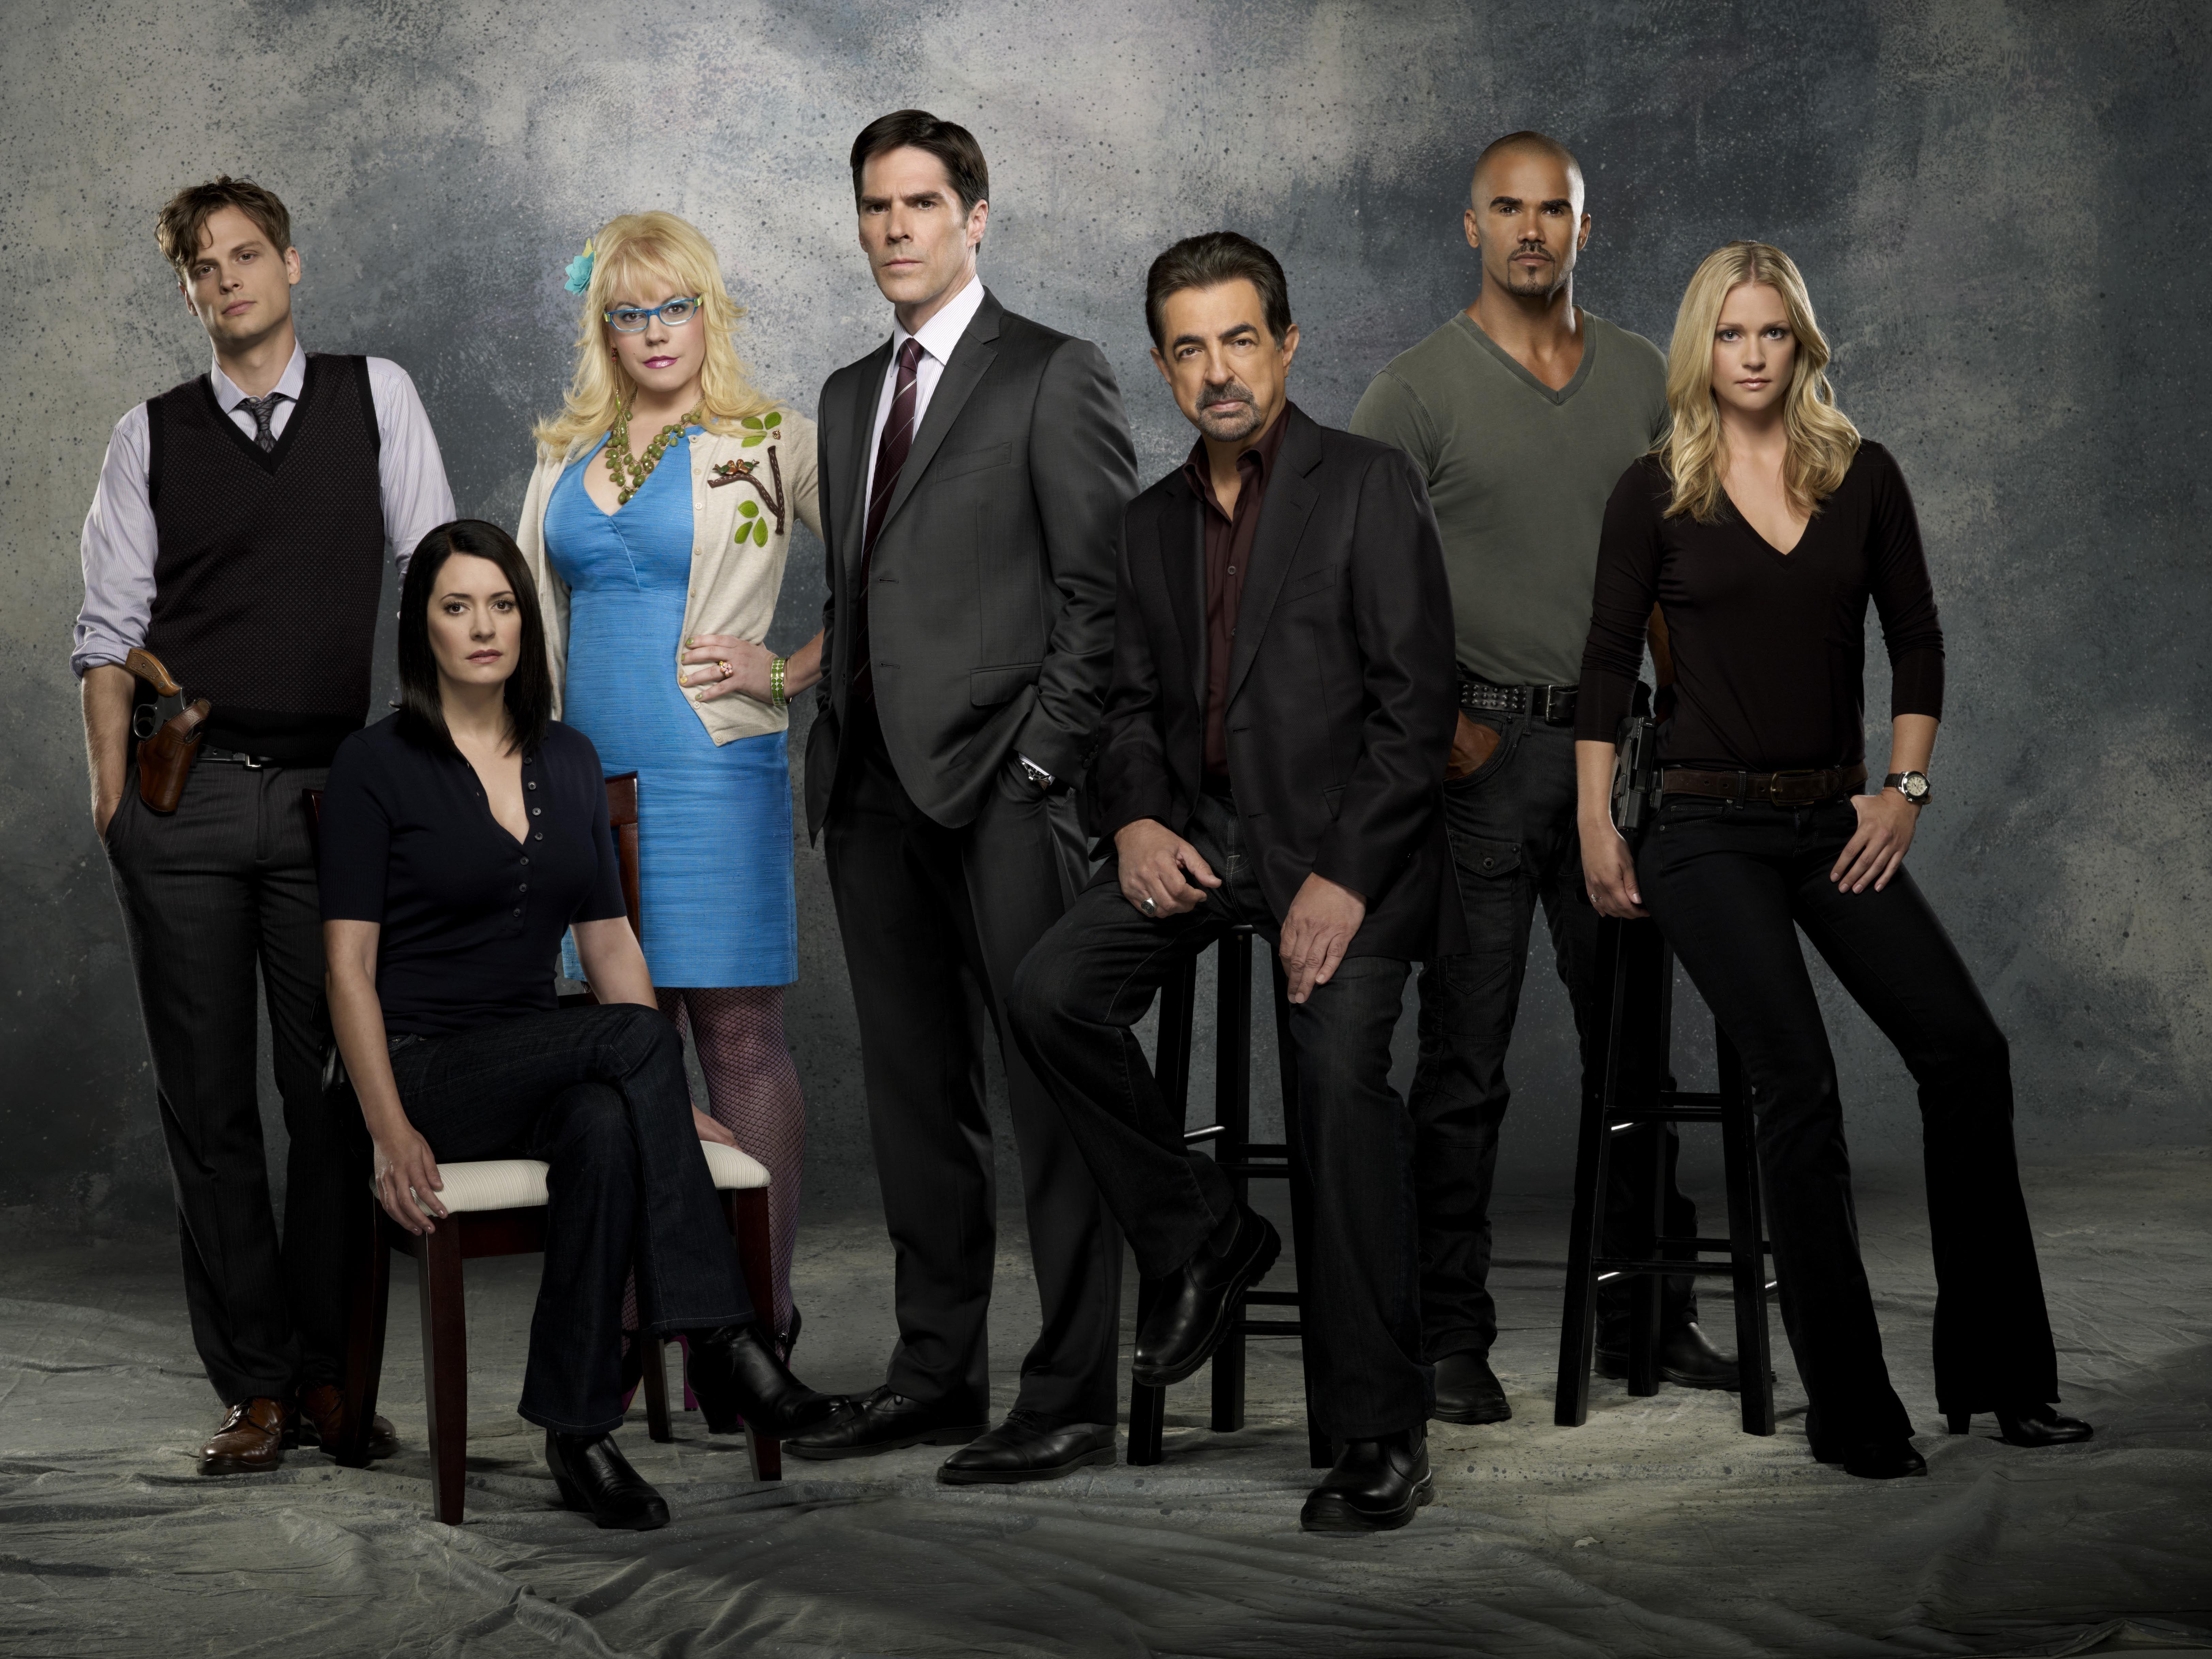 Meet The Cast Of Criminal Minds Especially Matthew Gray Gubler